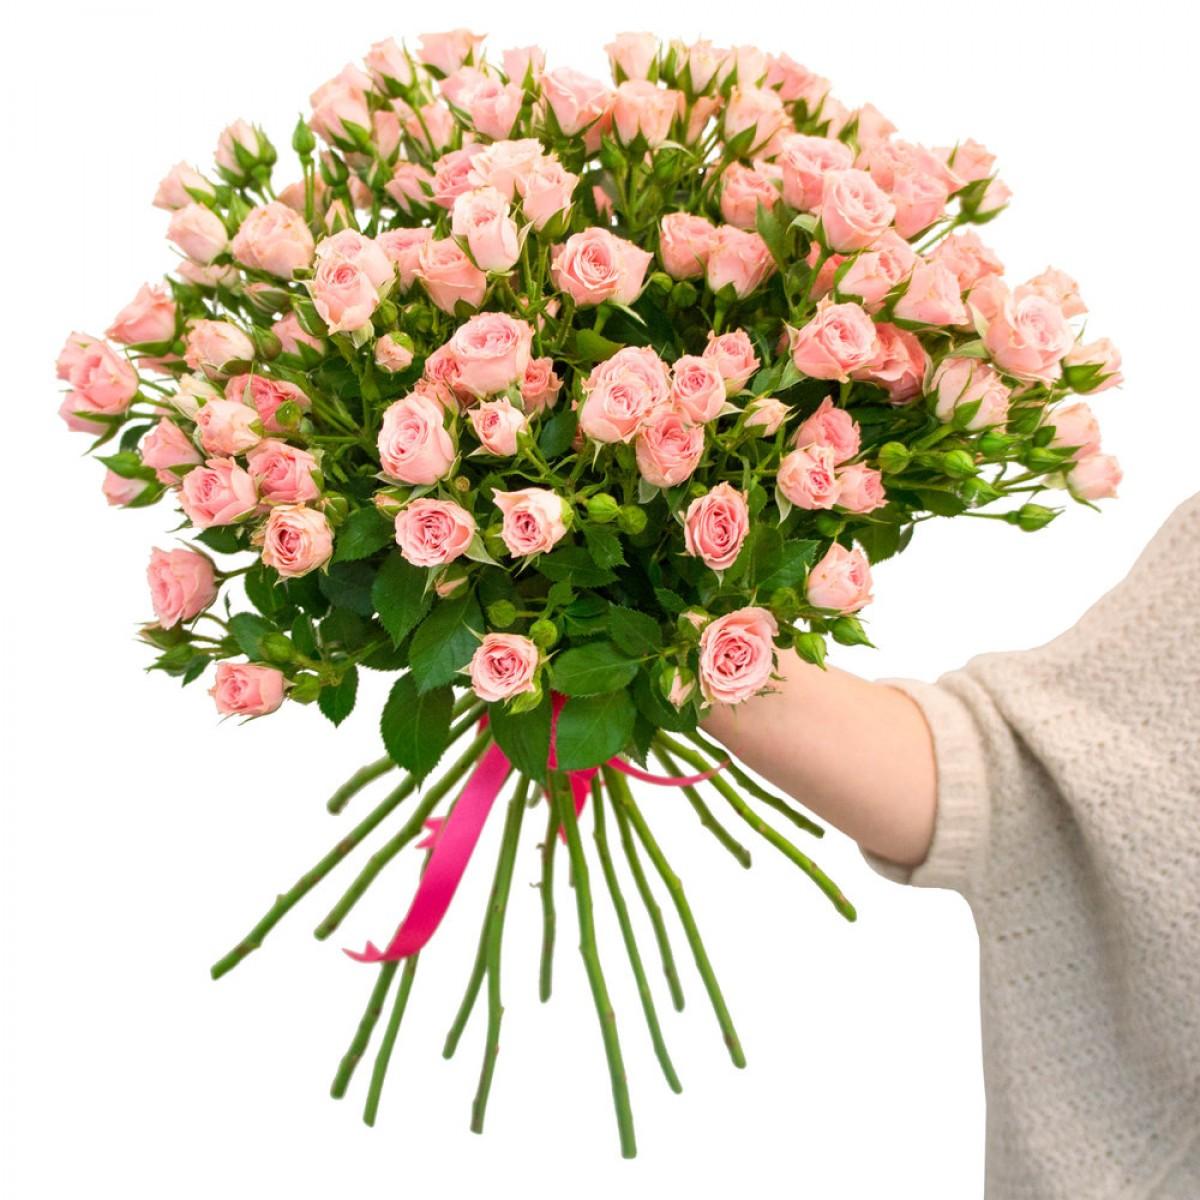 Букет от 15 до 25 светло-розови спрей рози (ти избираш броя)